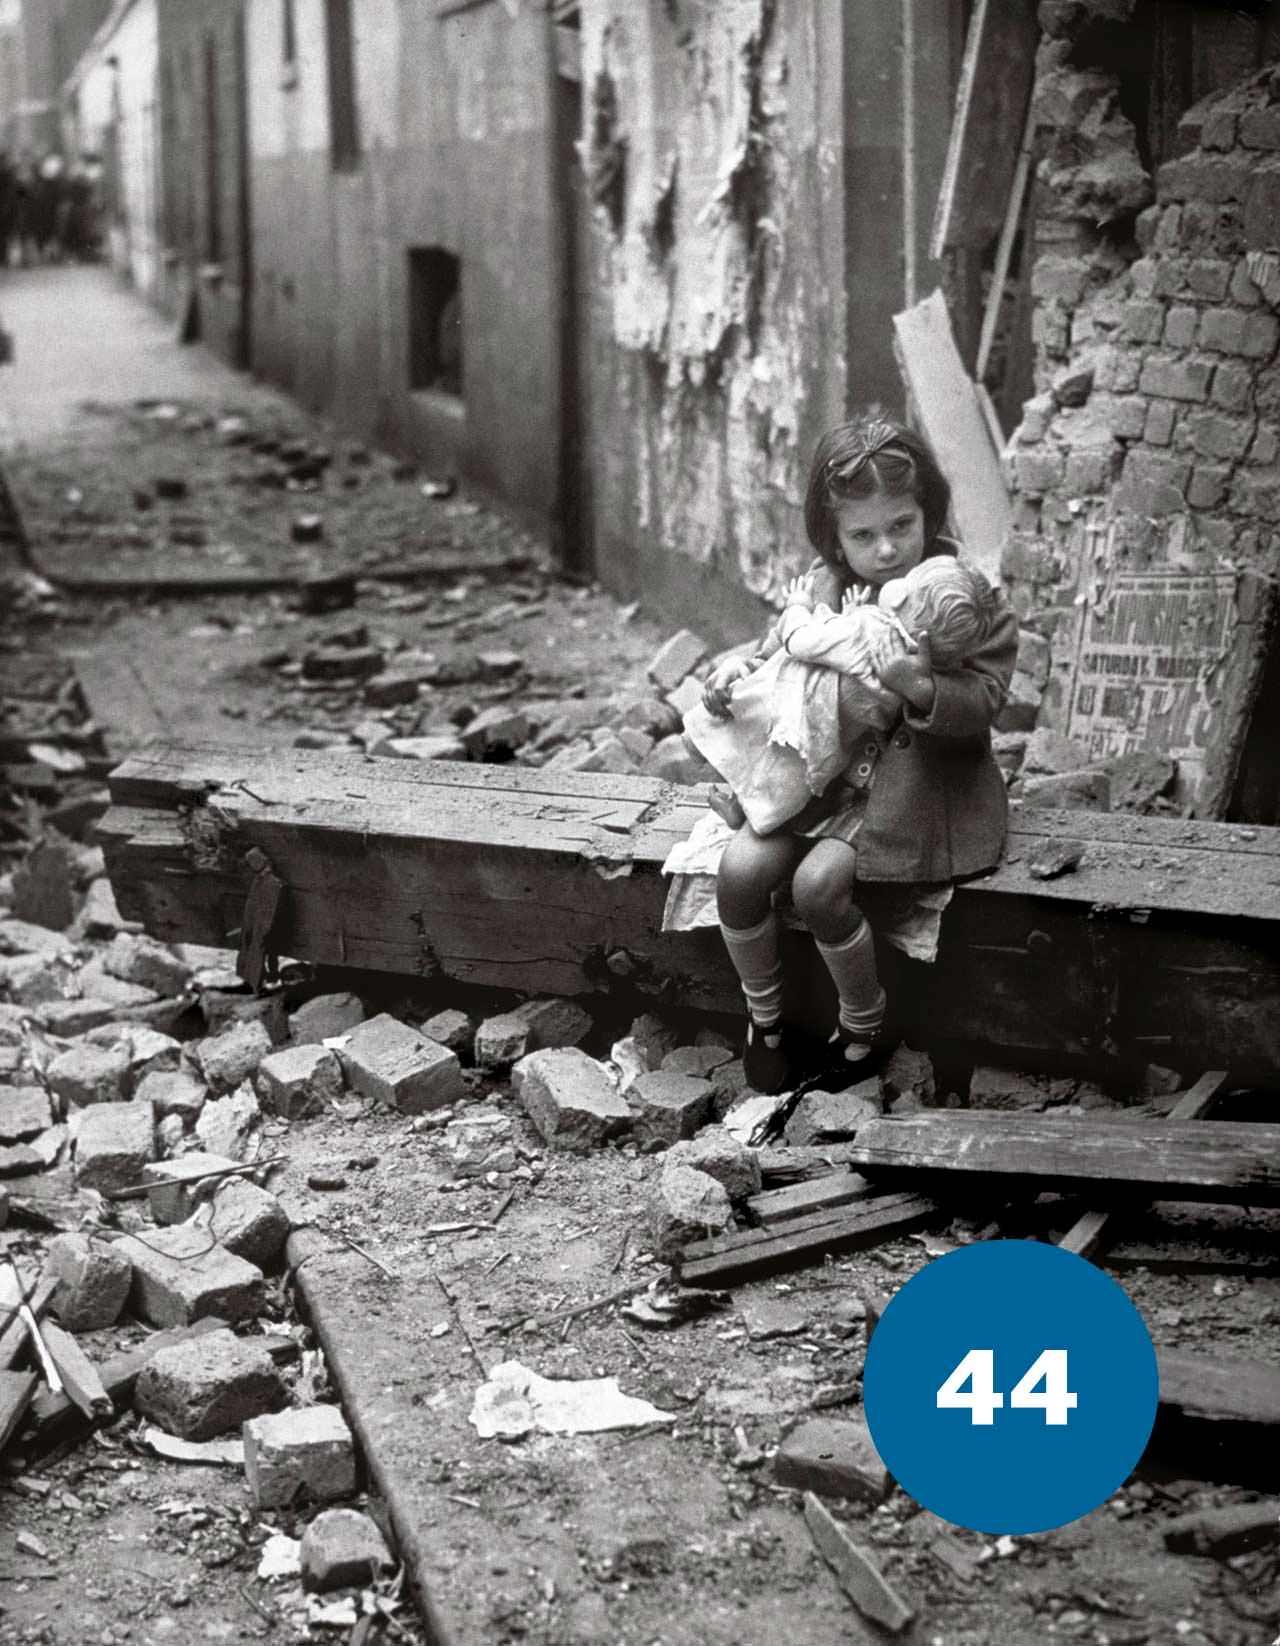 Дівчина з лялькою в часи Другої Світової Війни в Лондоні